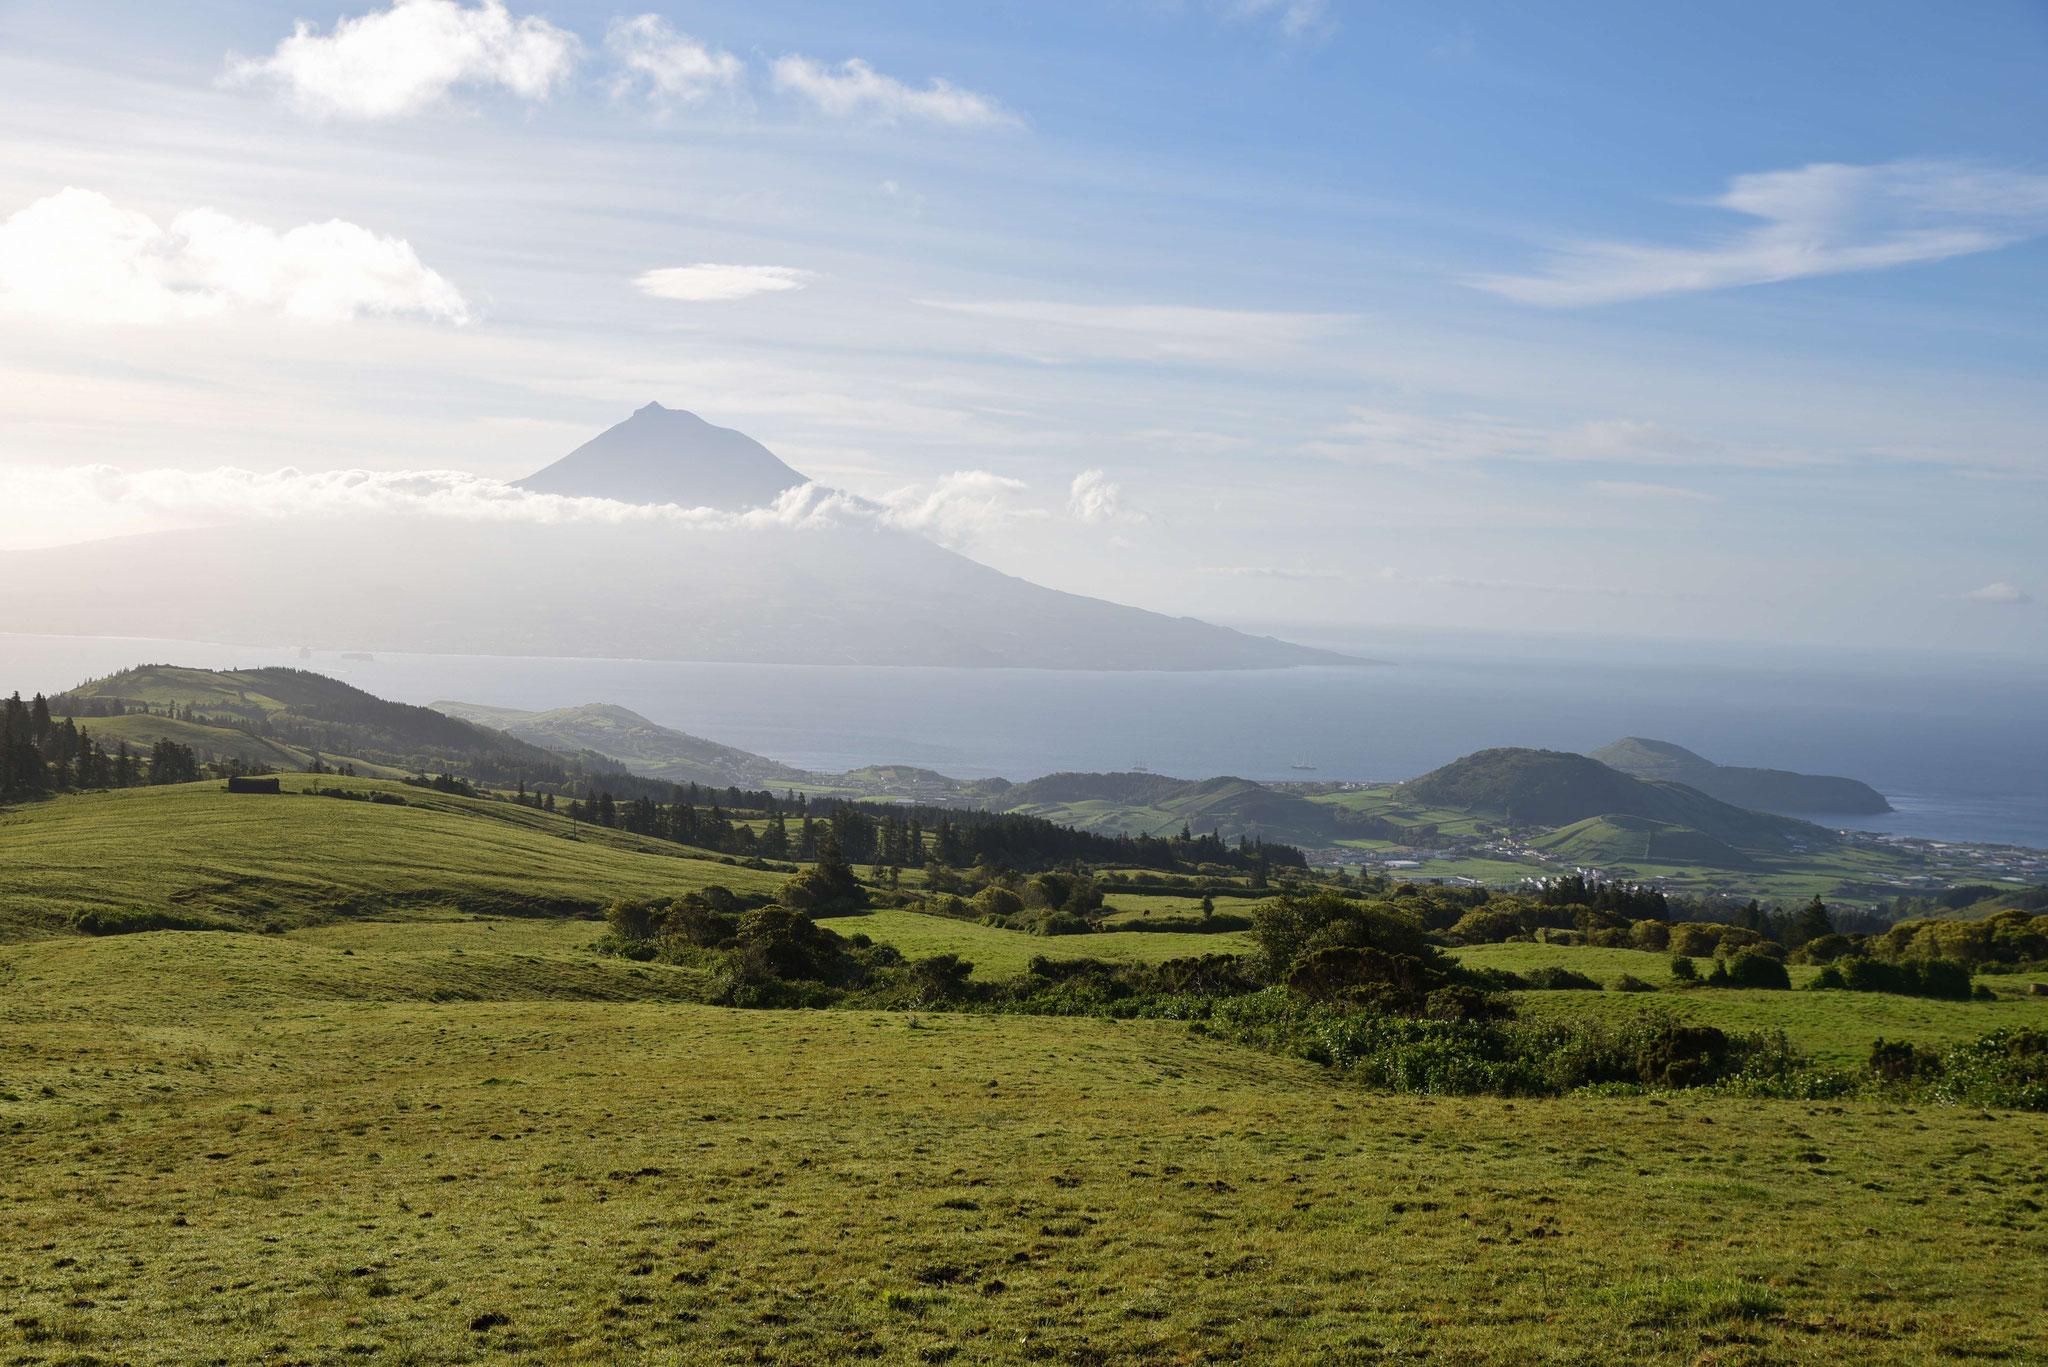 Berg Pico von Faial aus betrachtet